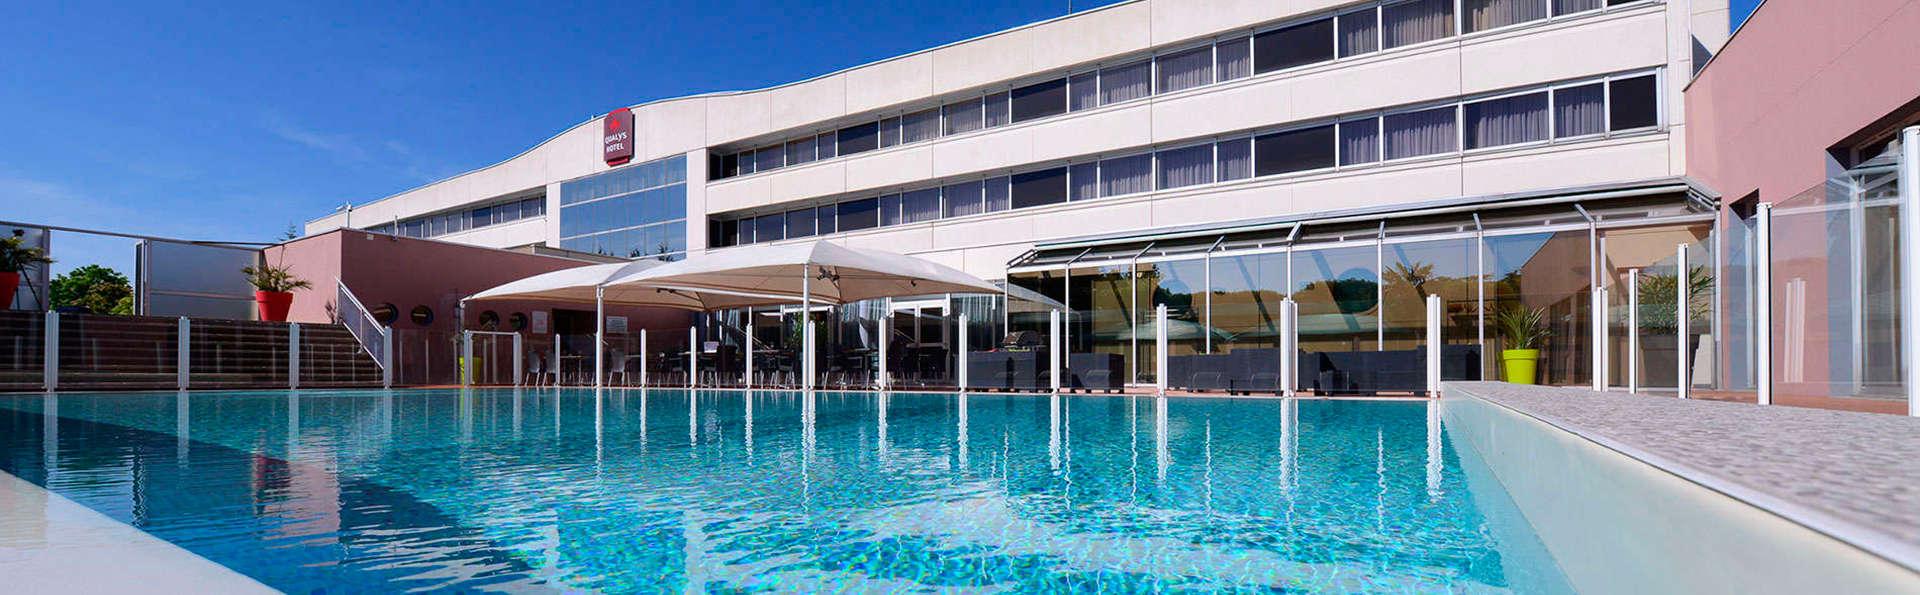 Best Western Plus Hôtel Admiral - EDIT_pool3.jpg